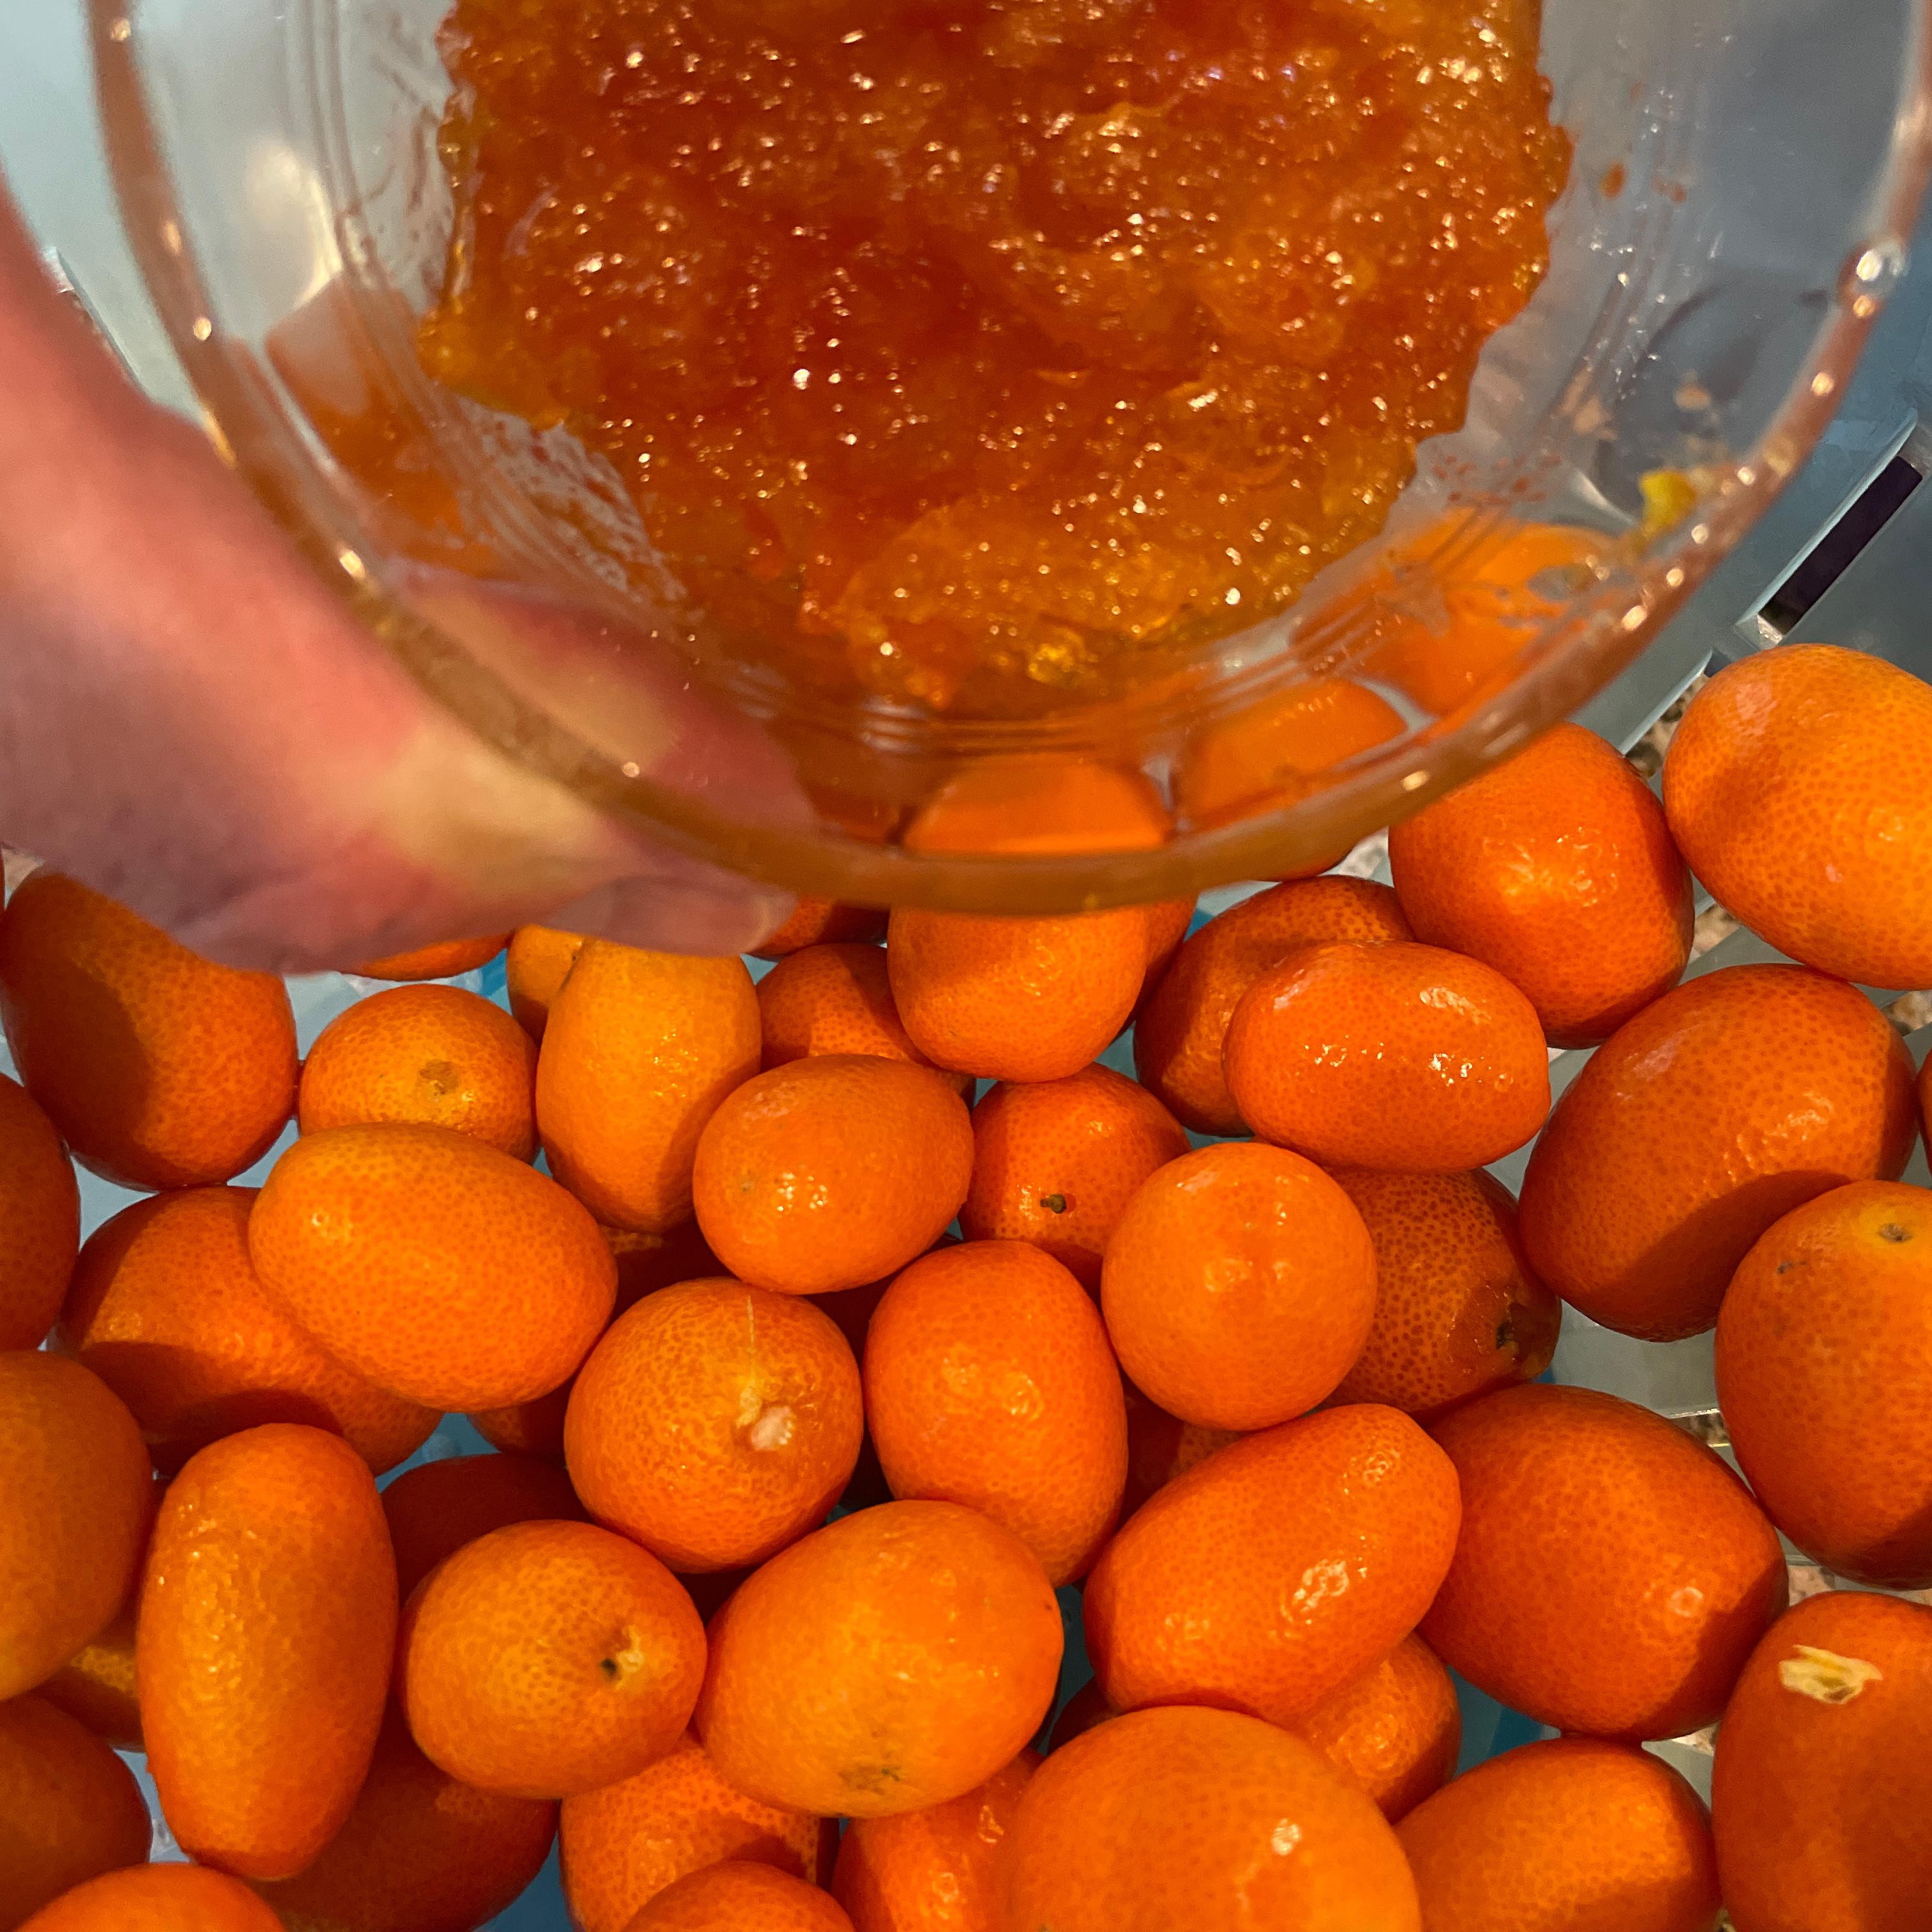 Chef John's Kumquat Marmalade